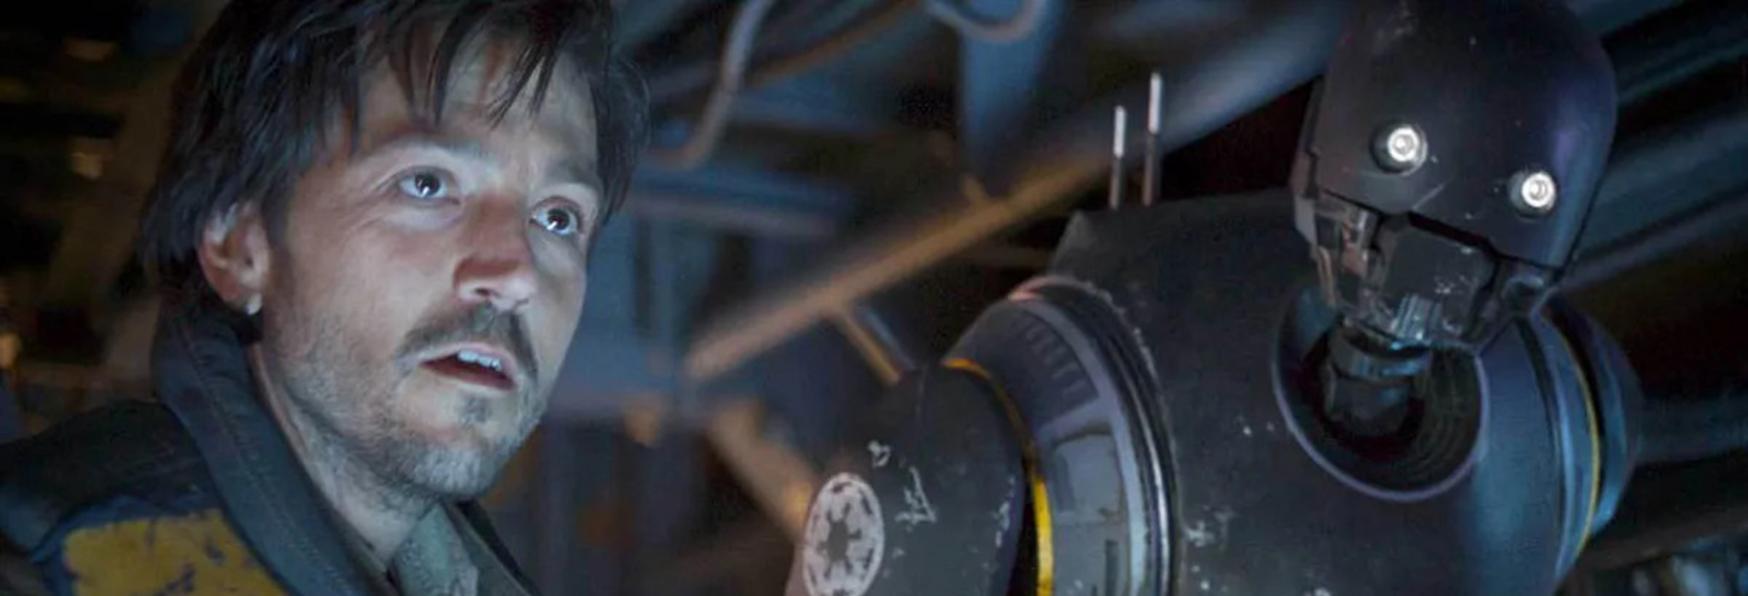 Cassian Andor: la Serie TV avrà 12 Episodi e sarà Rilasciata nel 2022